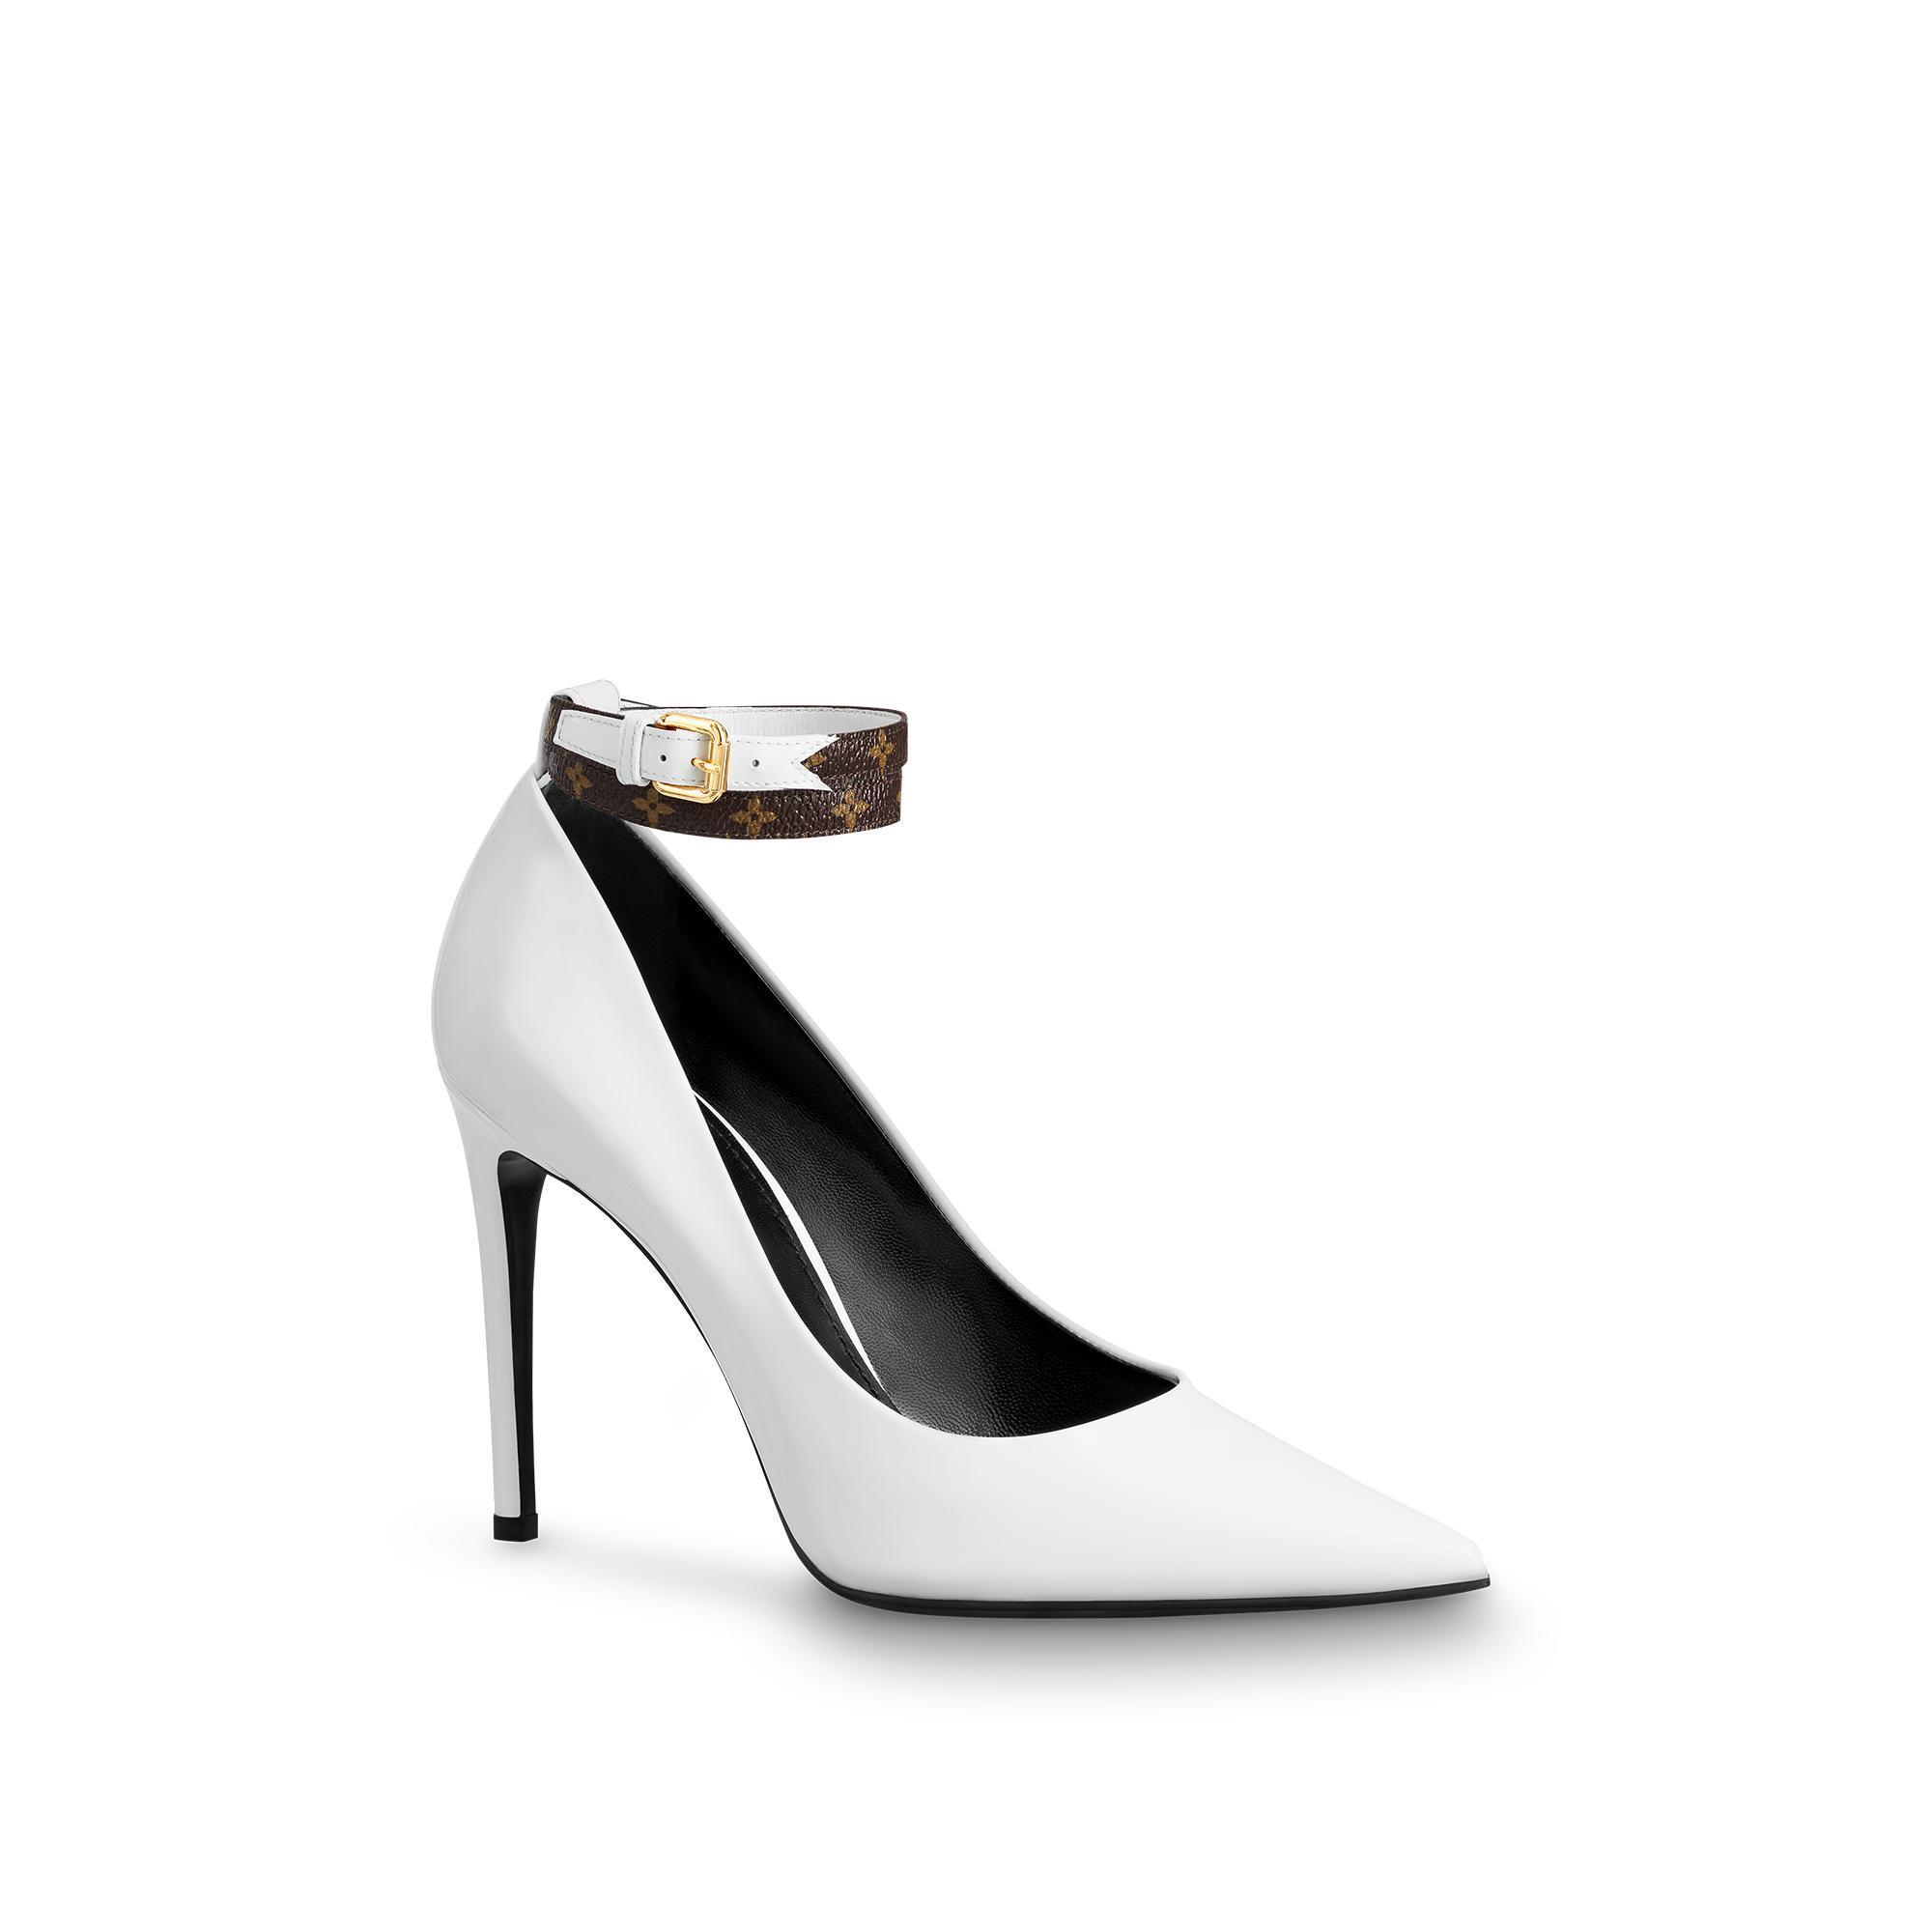 da96efde48e7 Louis Vuitton Call Back Pump In White